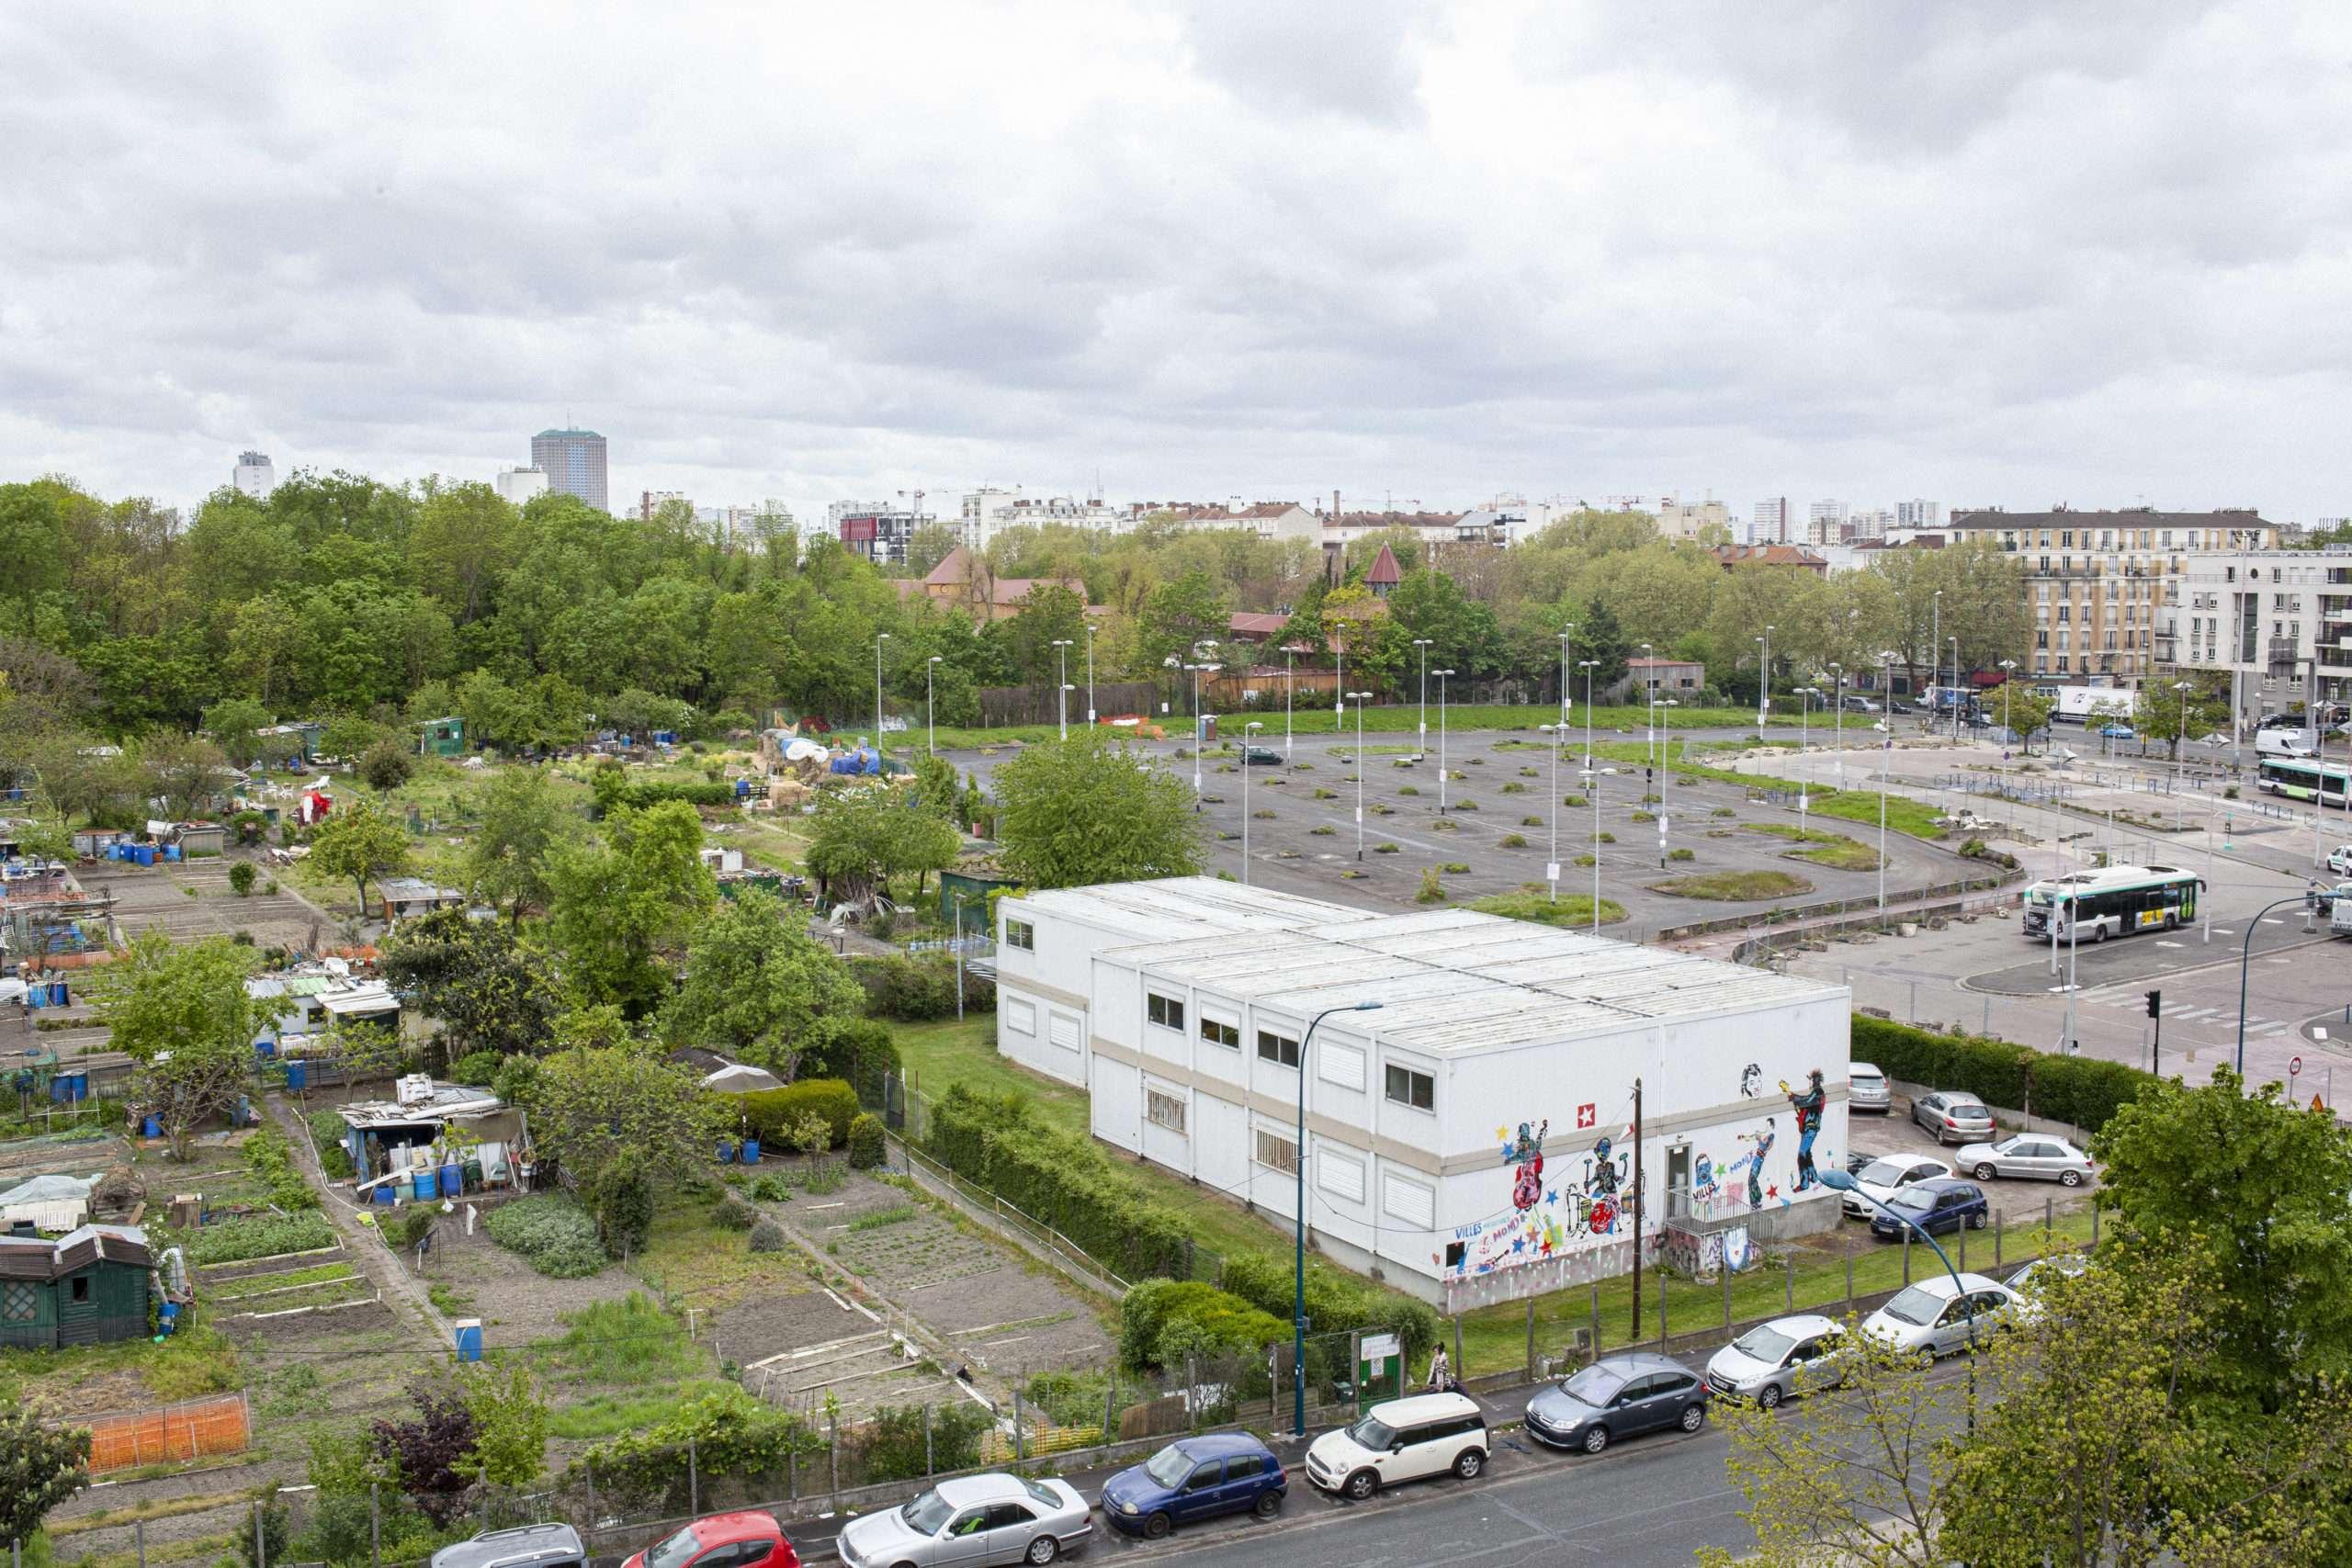 Des Courtilleres, on peut imaginer l'envergure architectural qu'aura le complexe sportif. Il viendra prendre place sur le parking tout en grignotant sur la partie haute des préfabriqués.